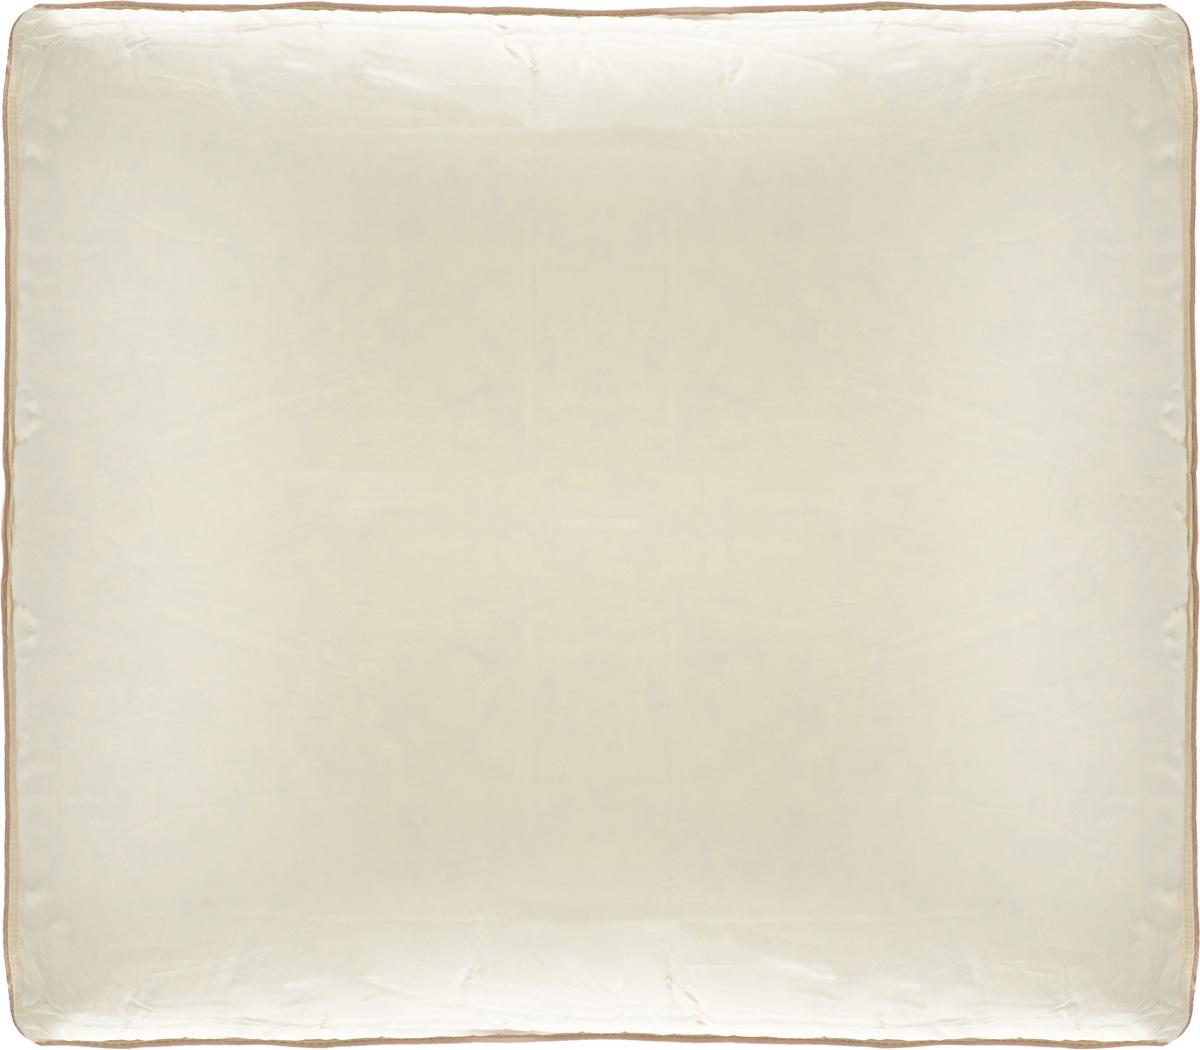 Подушка Легкие сны Sandman, наполнитель: гусиный пух категории Экстра, 68 x 68 см77(15)05-ЛДПодушка Легкие сны Sandman поможет расслабиться, снимет усталость и подарит вам спокойный и здоровый сон. Наполнителем этой подушки является воздушный и легкий серый пух сибирского гуся категории Экстра. Чехол выполнен из батиста (100% хлопок). По краю подушки выполнена отделка кантом. Это отличный вариант для подарка себе и своим близким и любимым. Рекомендации по уходу:Деликатная стирка при температуре воды до 30°С.Отбеливание, барабанная сушка и глажка запрещены. Разрешается обычная химчистка.Степень поддержки: средняя.